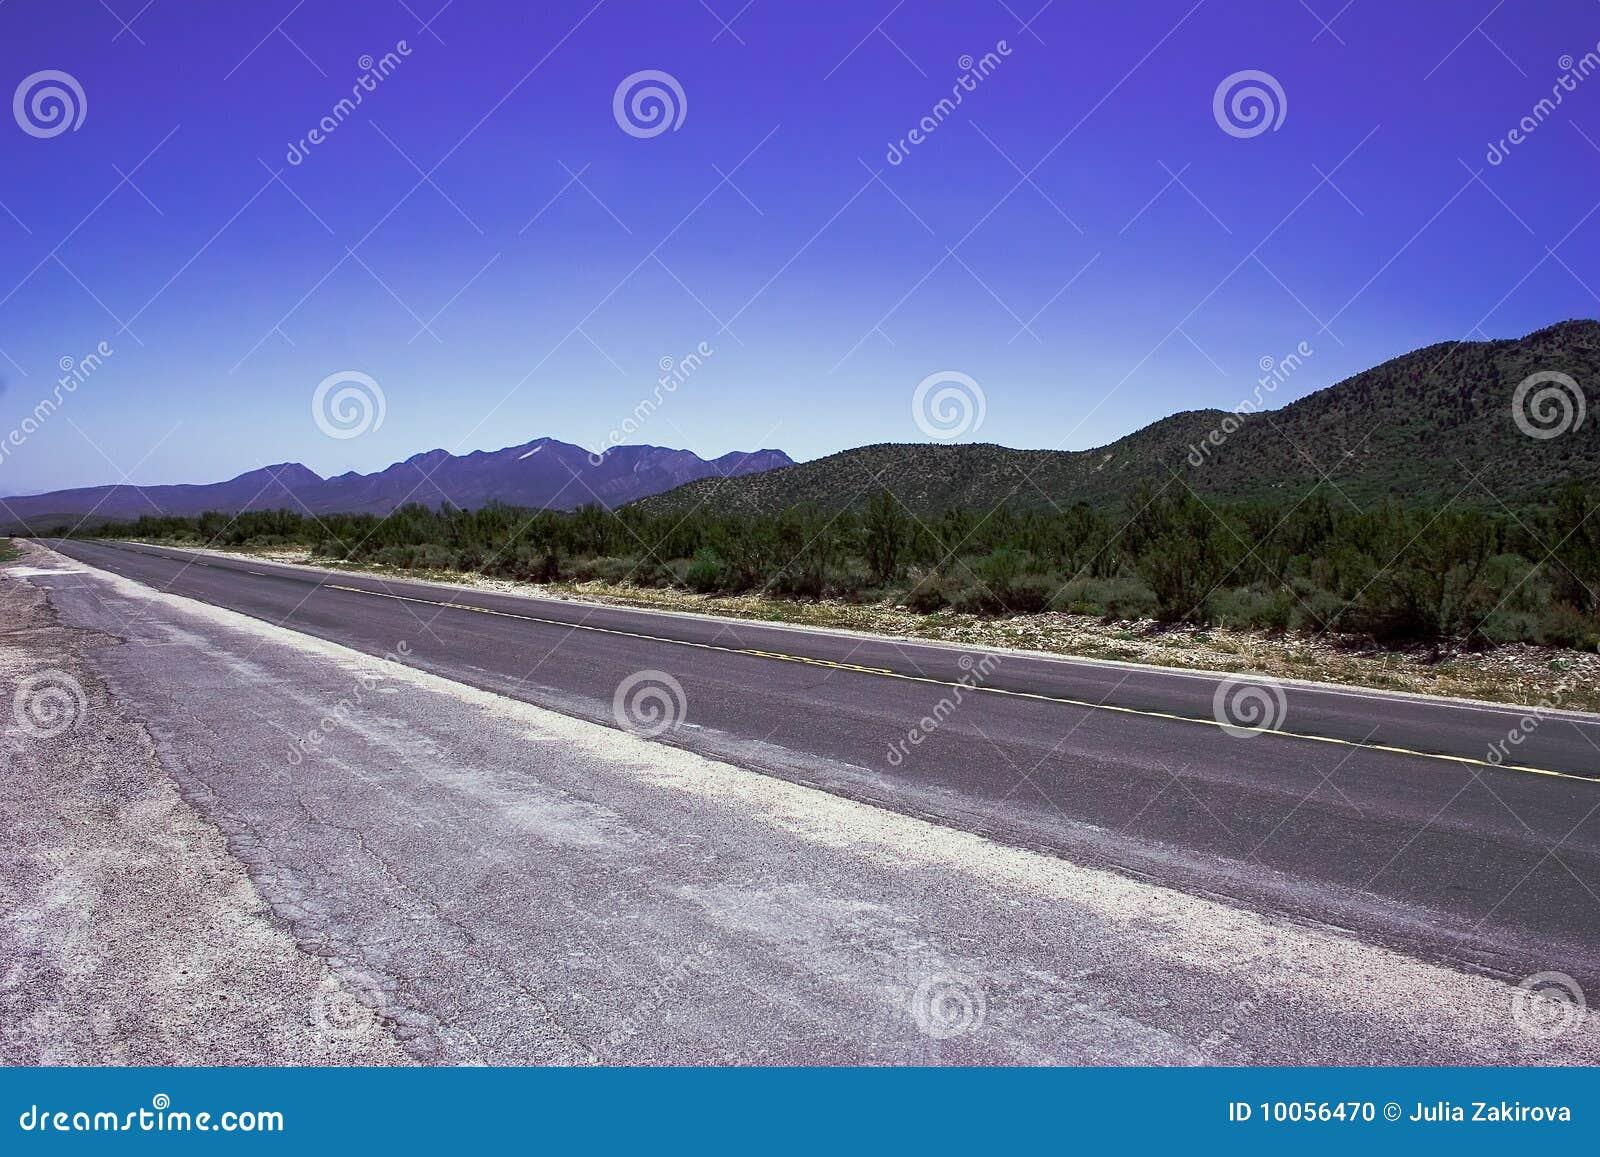 Empty romantic road